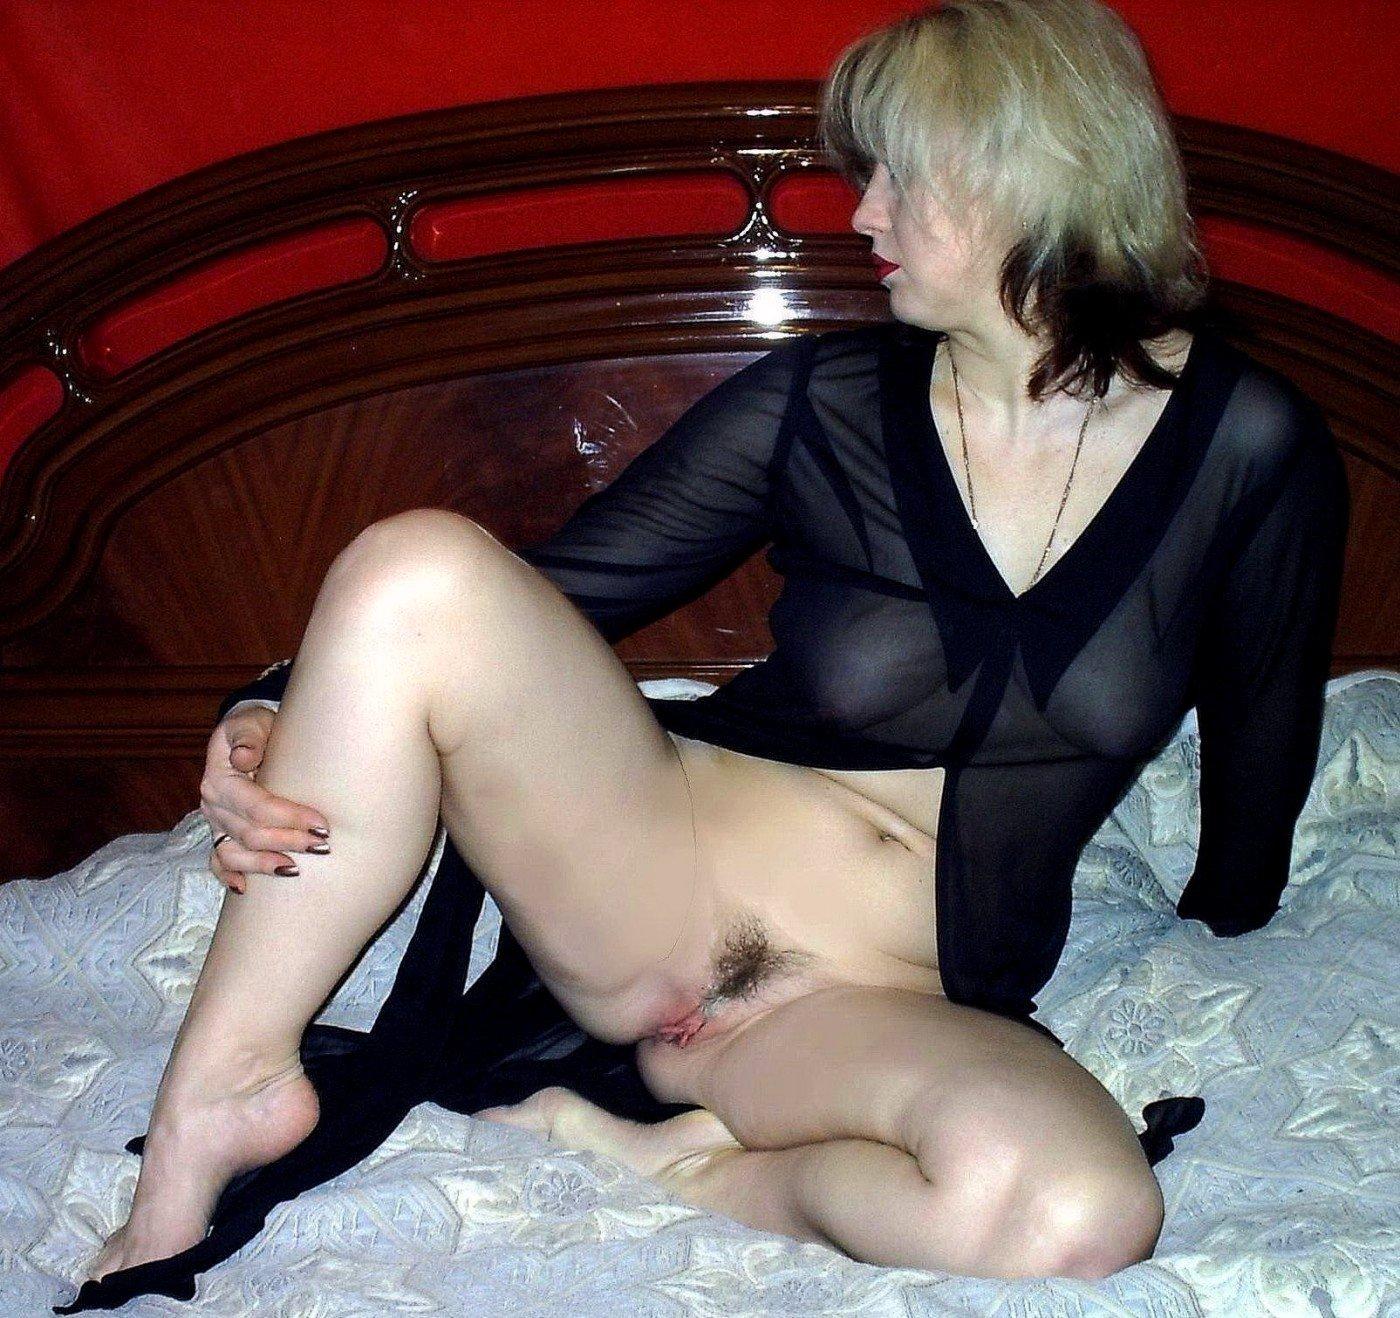 Проститутка за 50 рублей